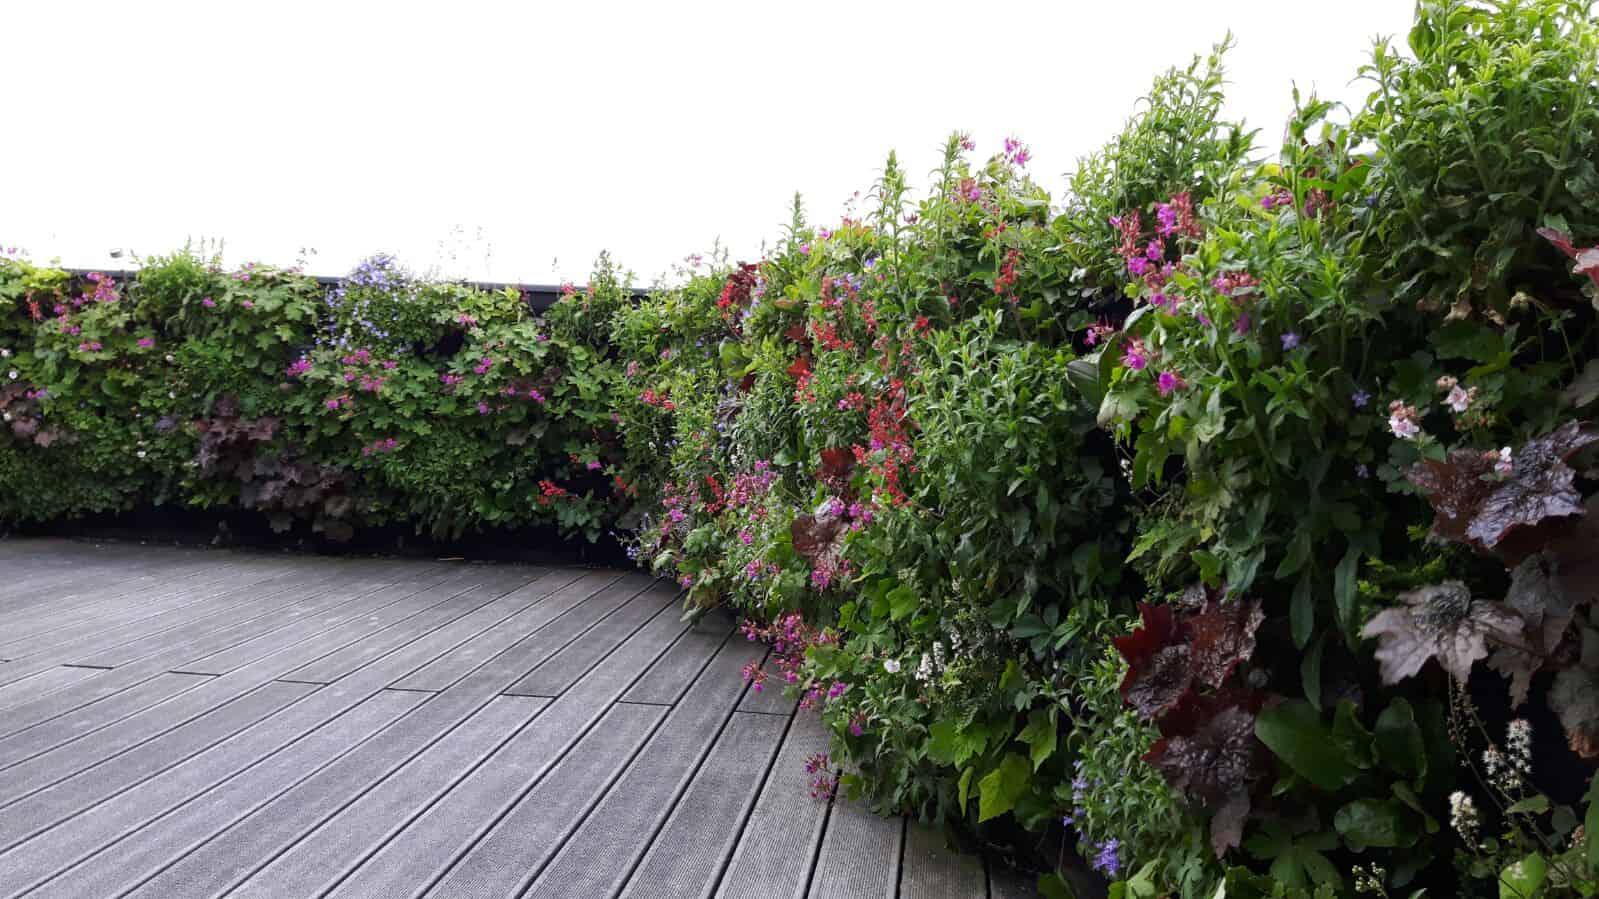 dakterras straalt met een verticale tuin vol in bloei